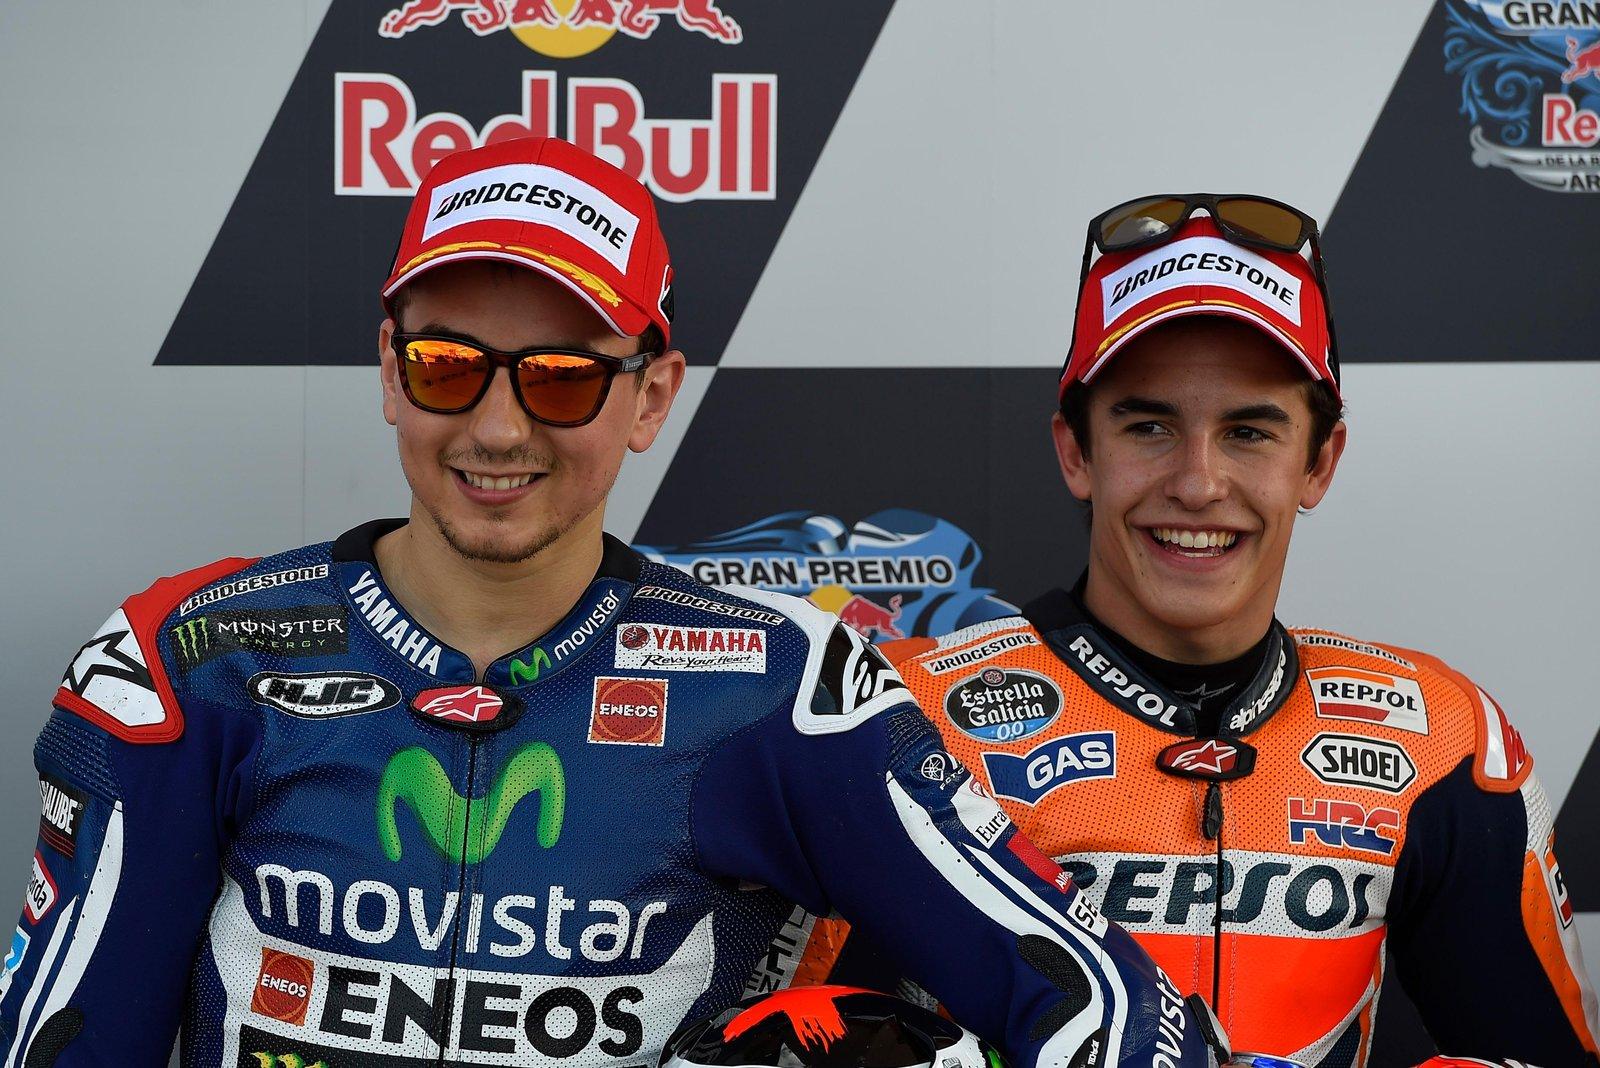 MOTO GP 2019 COMPÉTITIONS - Page 2 Jorge-lorenzo-marc-marquez-podiul-2014